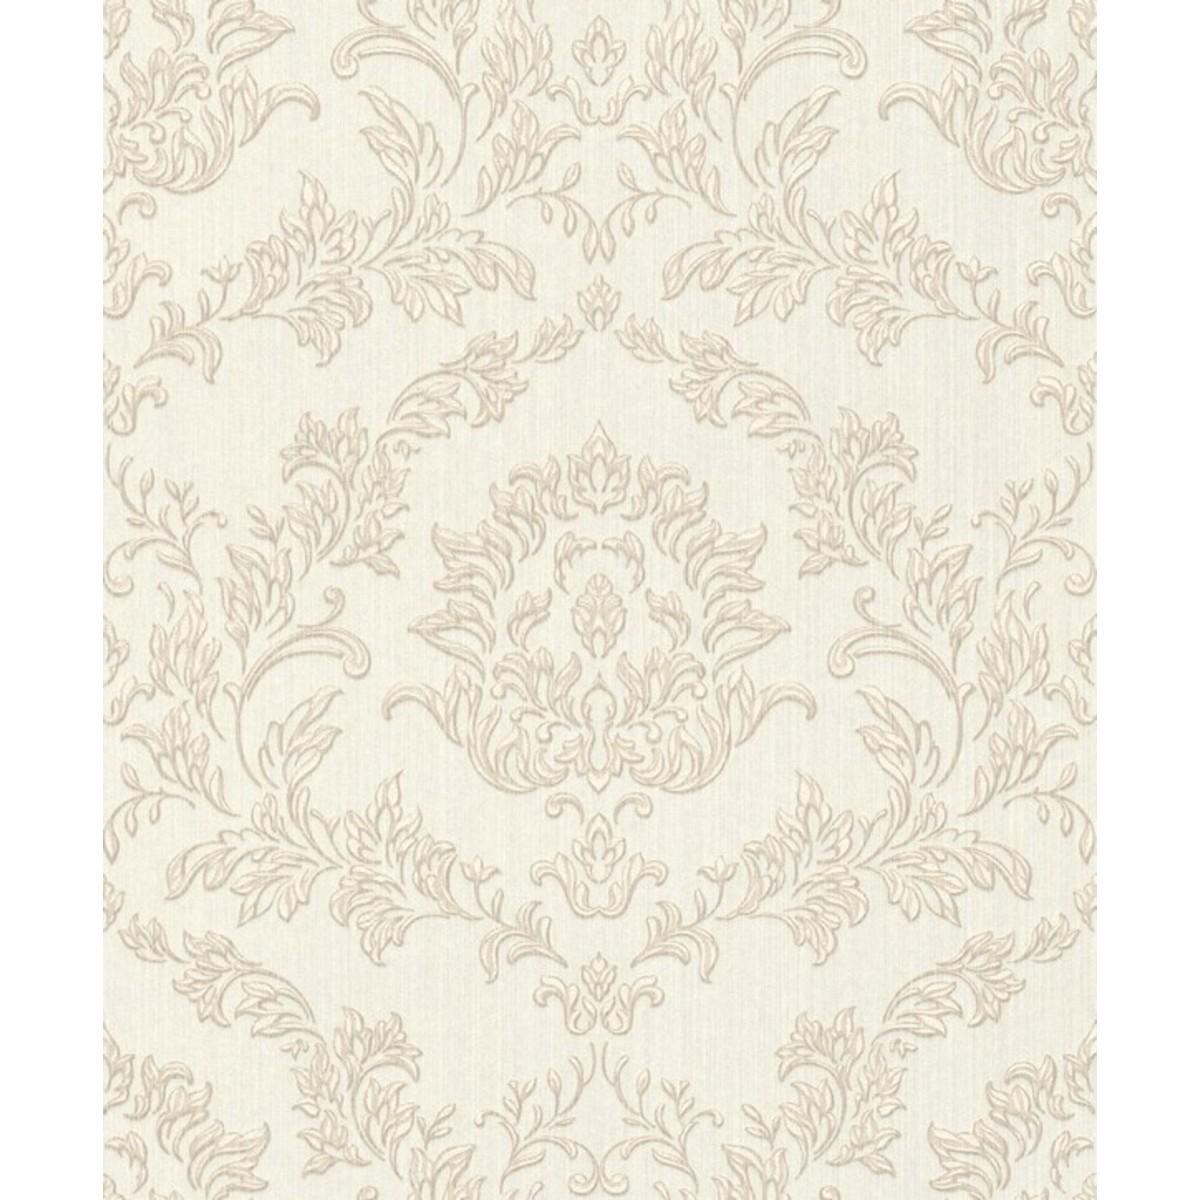 Обои текстильные Aquarelle Velluto белые 0.53 м 74924